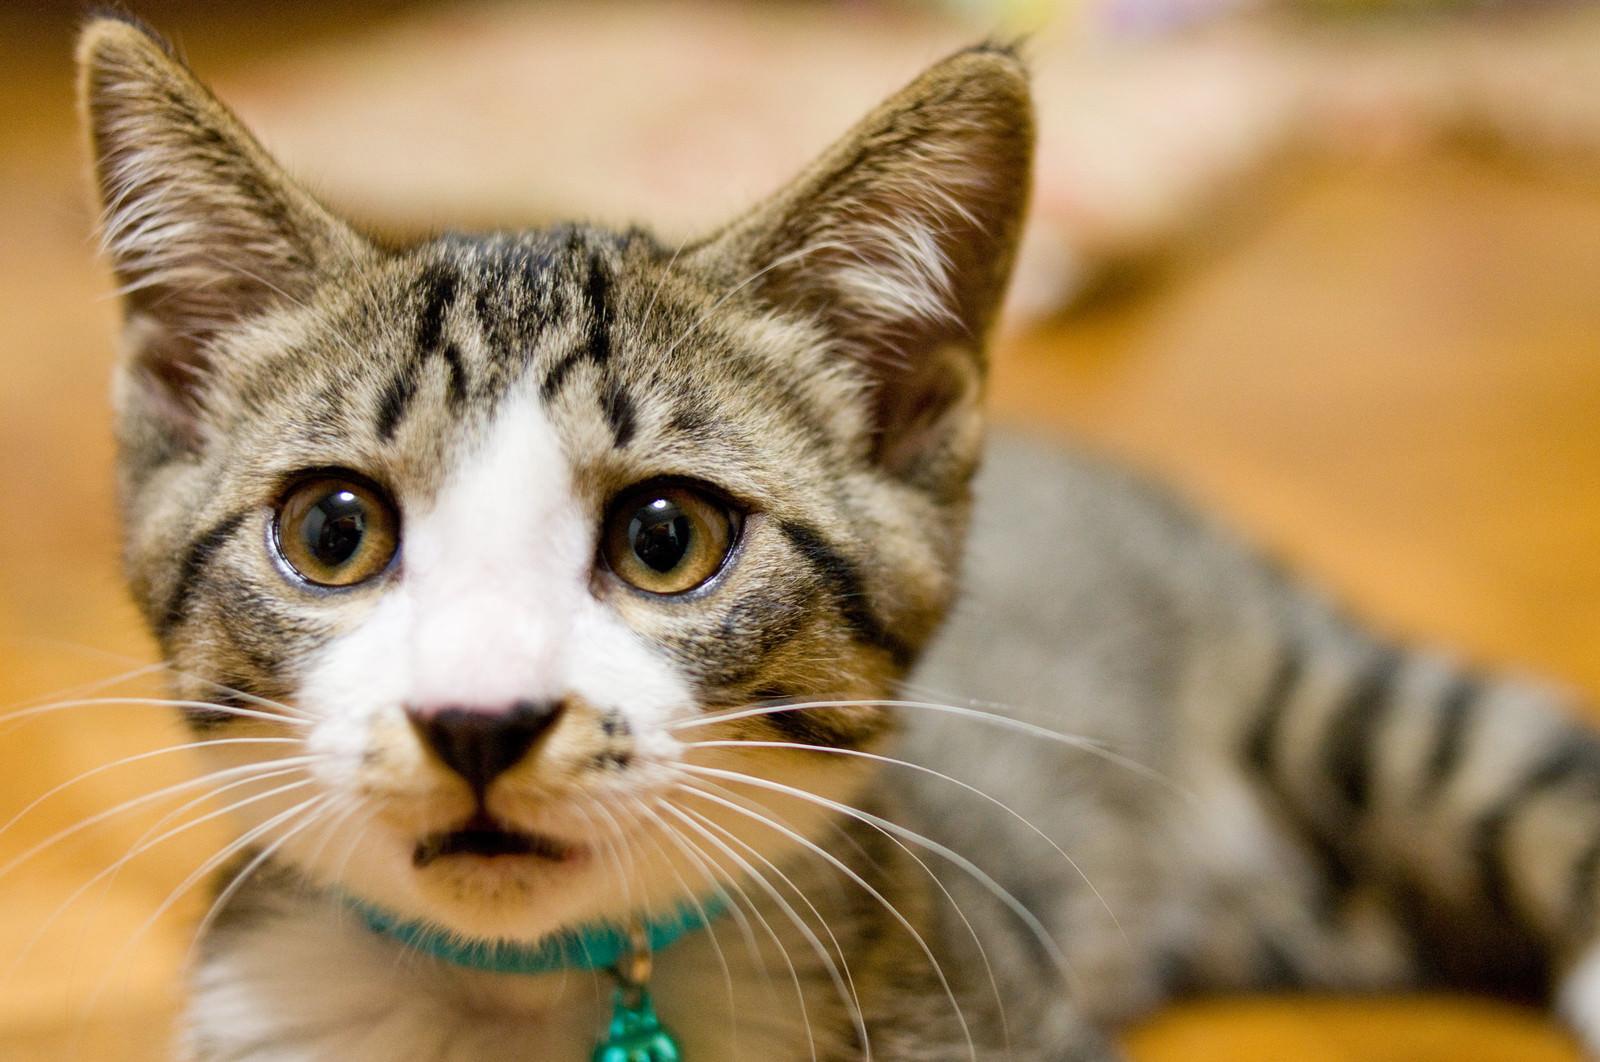 「アチャーやってもうたわ(猫)アチャーやってもうたわ(猫)」のフリー写真素材を拡大